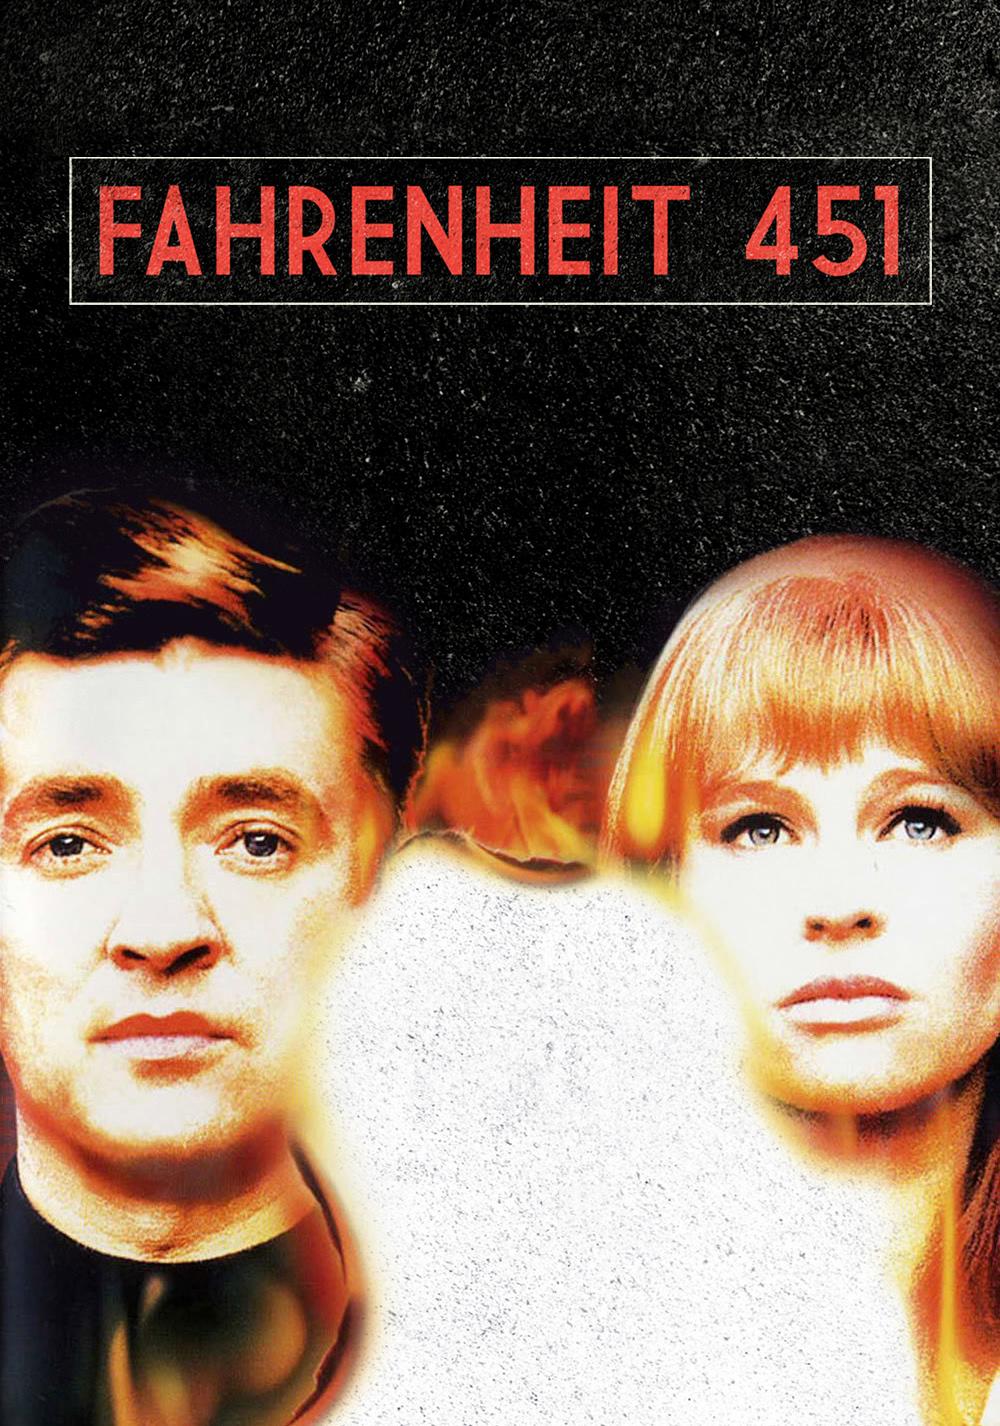 Fahrenhiet 451 movie